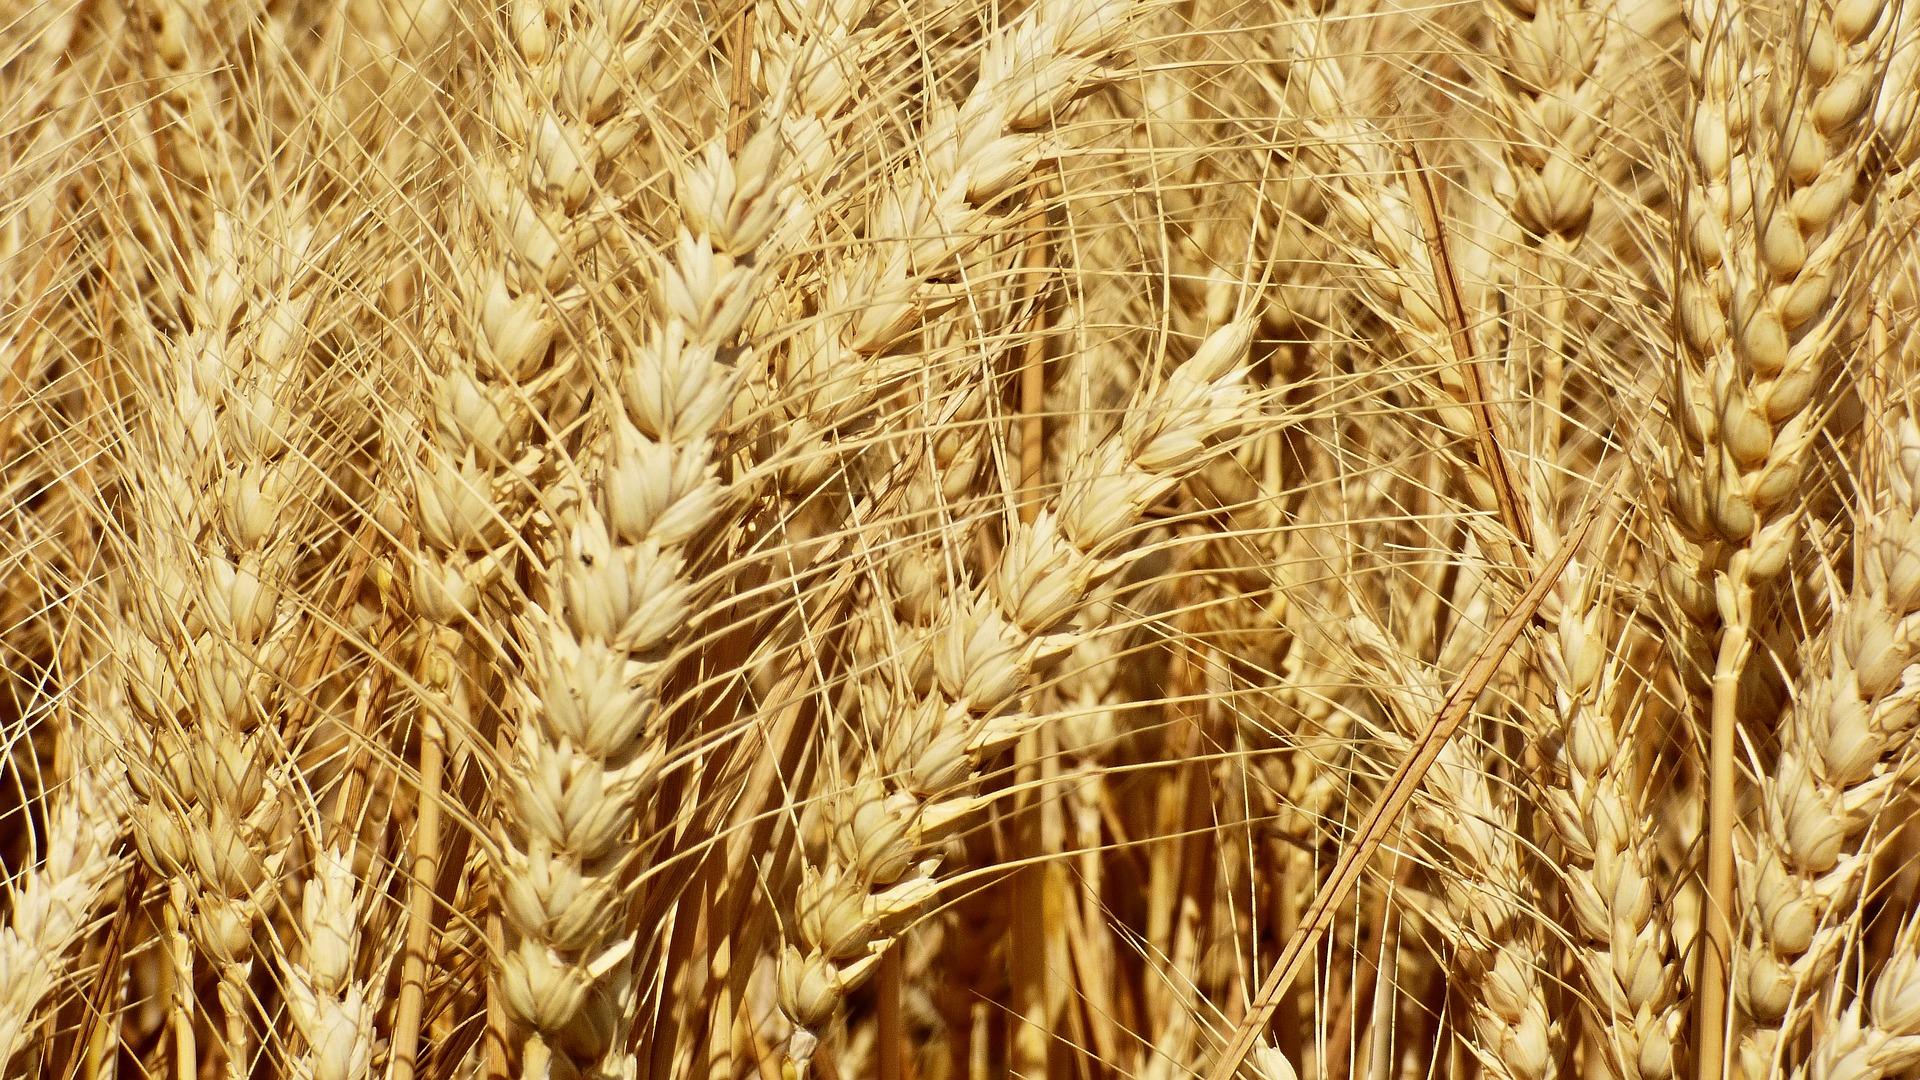 Масове агрострахування забезпечить дієвий механізм фінансової підтримки фермерів